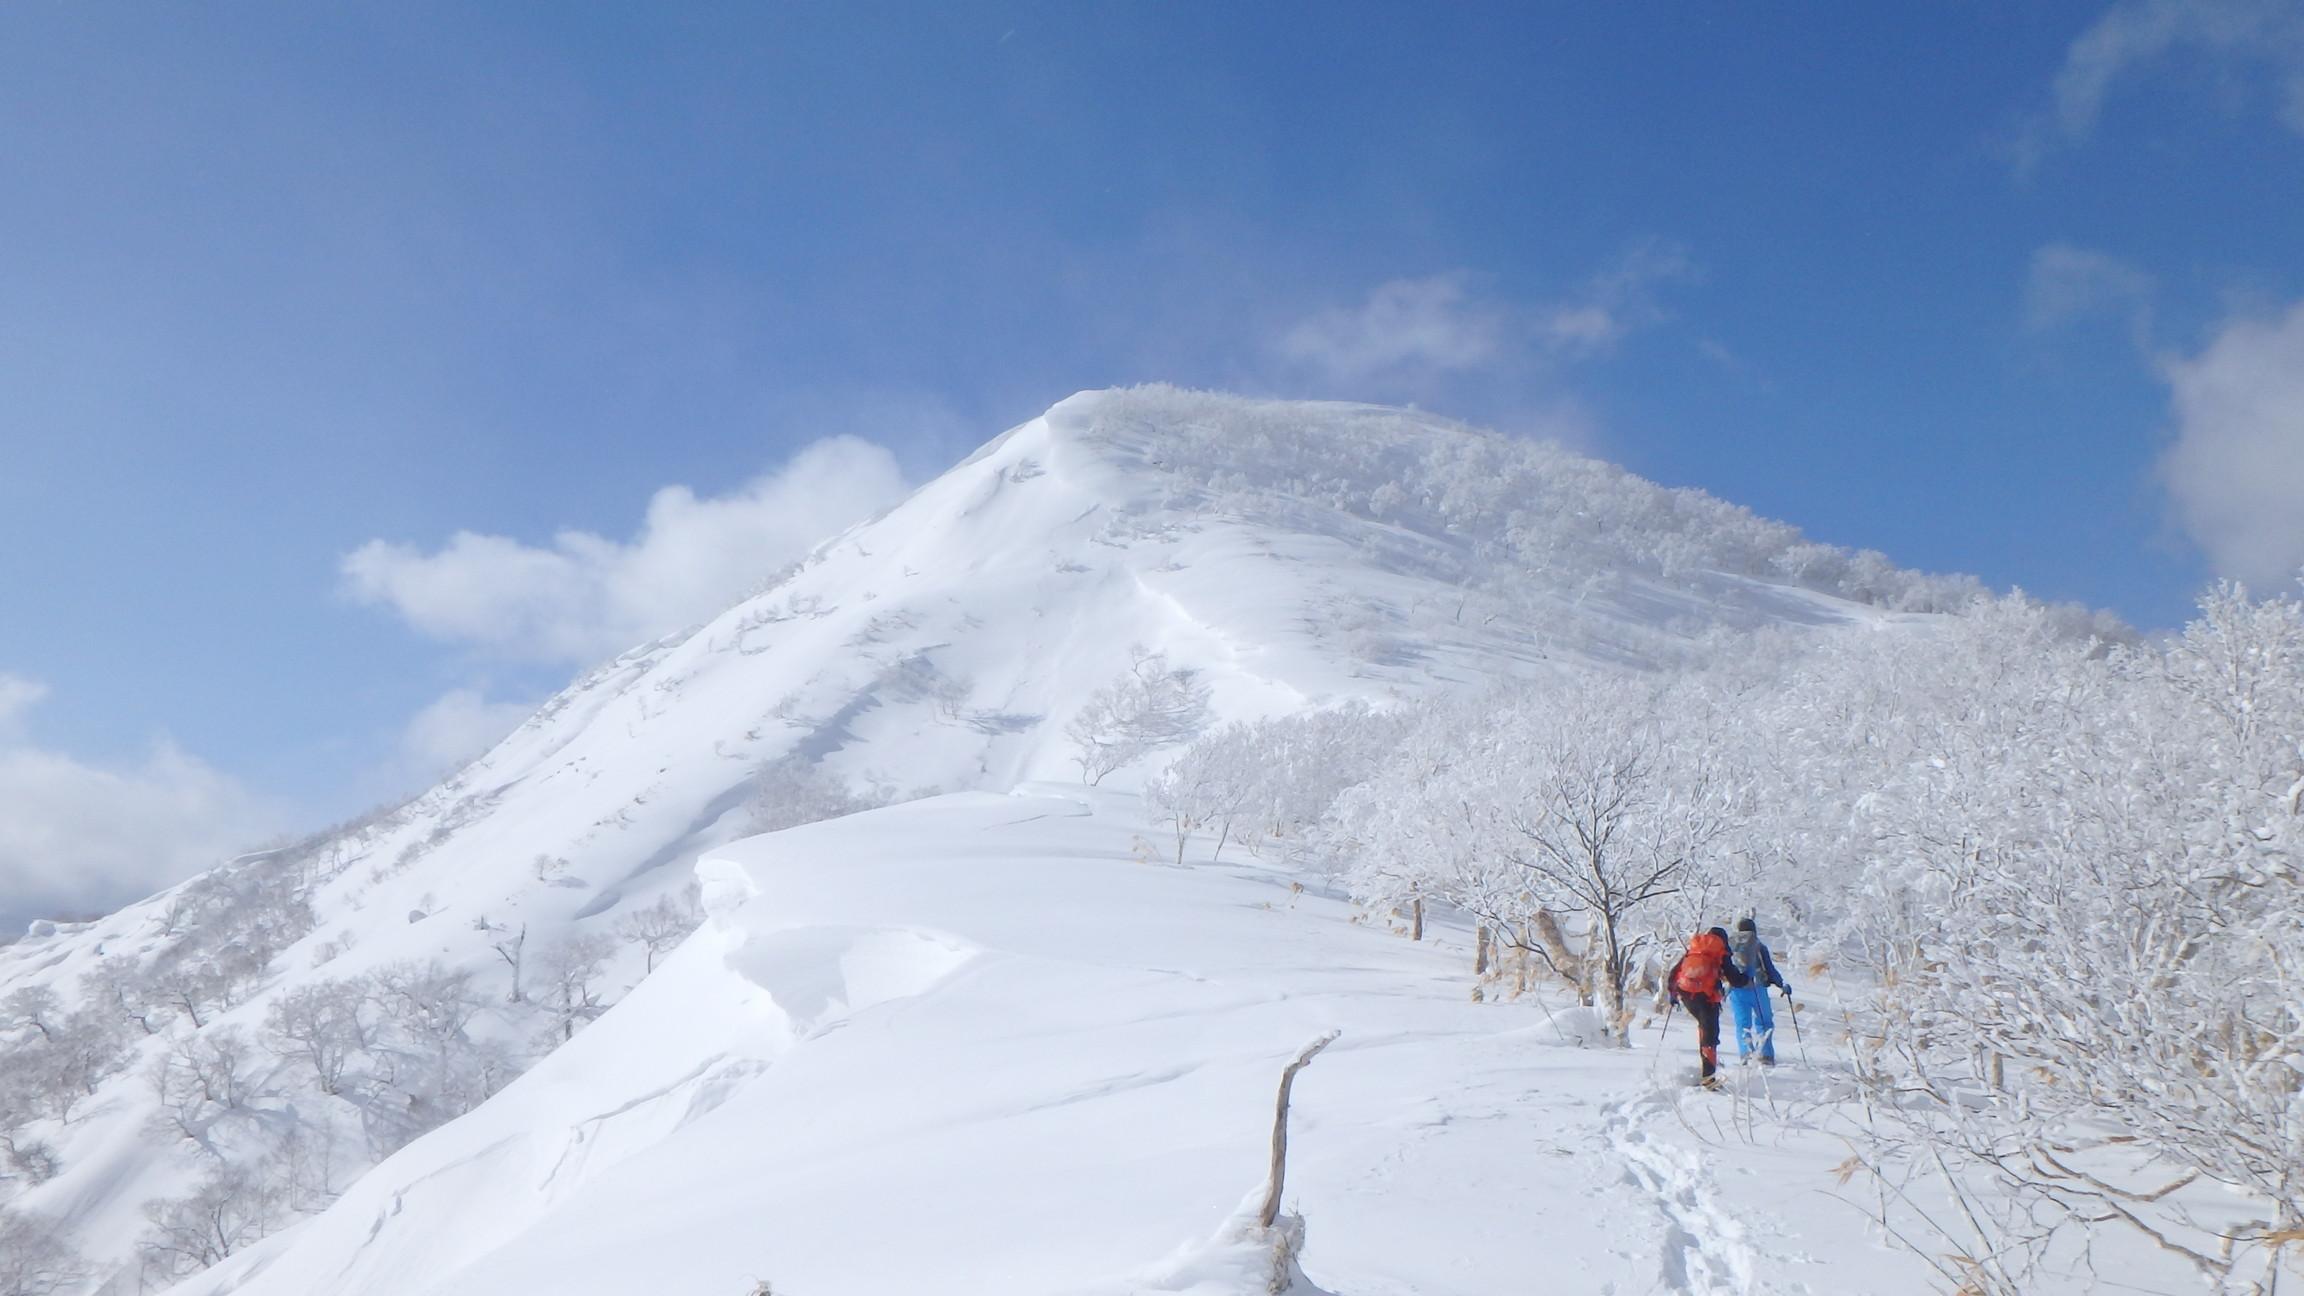 白老岳と白老岳、2019.2.9ー同行者からの写真ー_f0138096_13494884.jpg